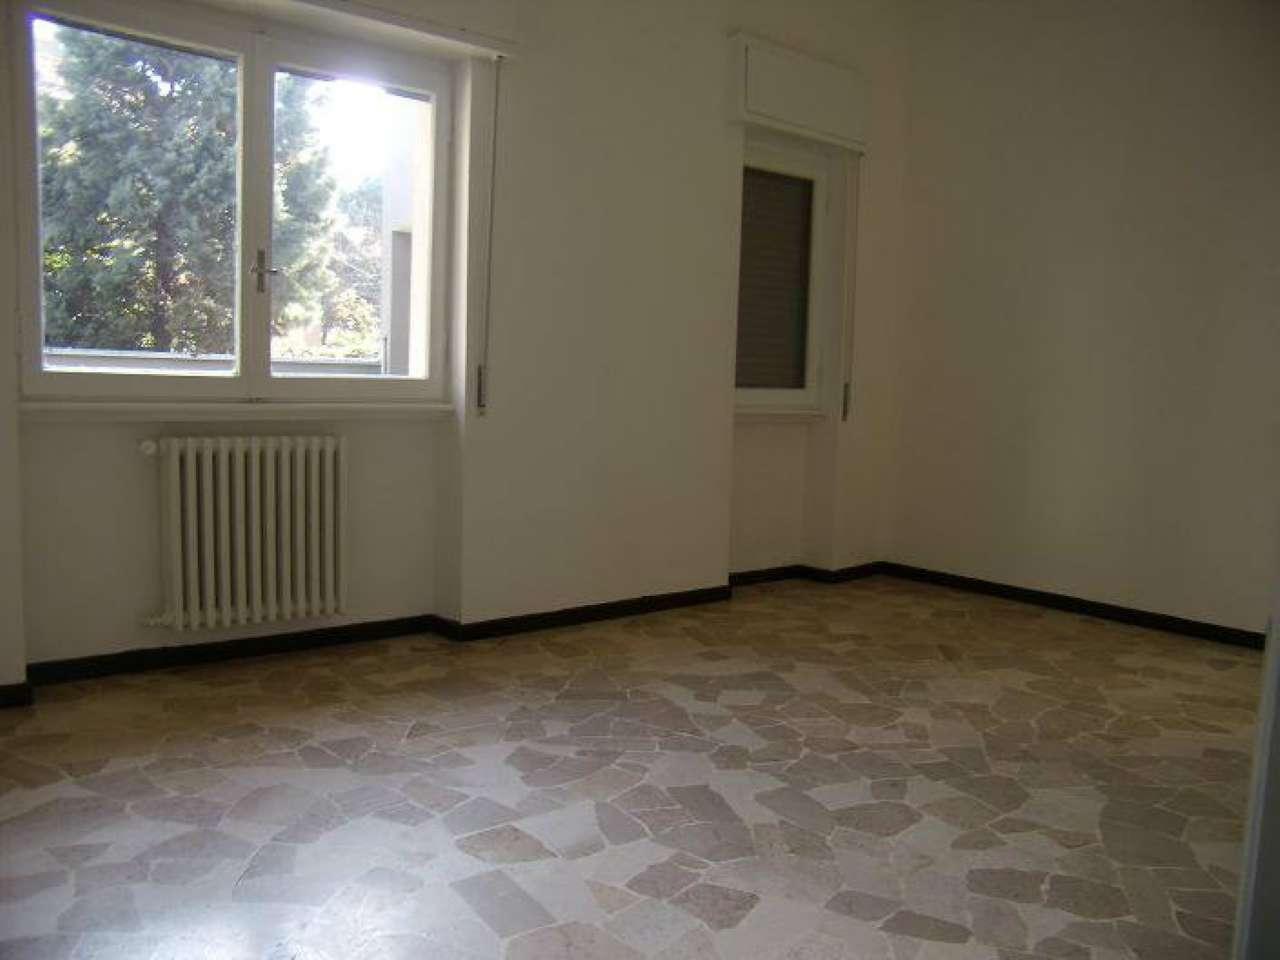 Appartamento in affitto a Cinisello Balsamo, 2 locali, prezzo € 620 | CambioCasa.it